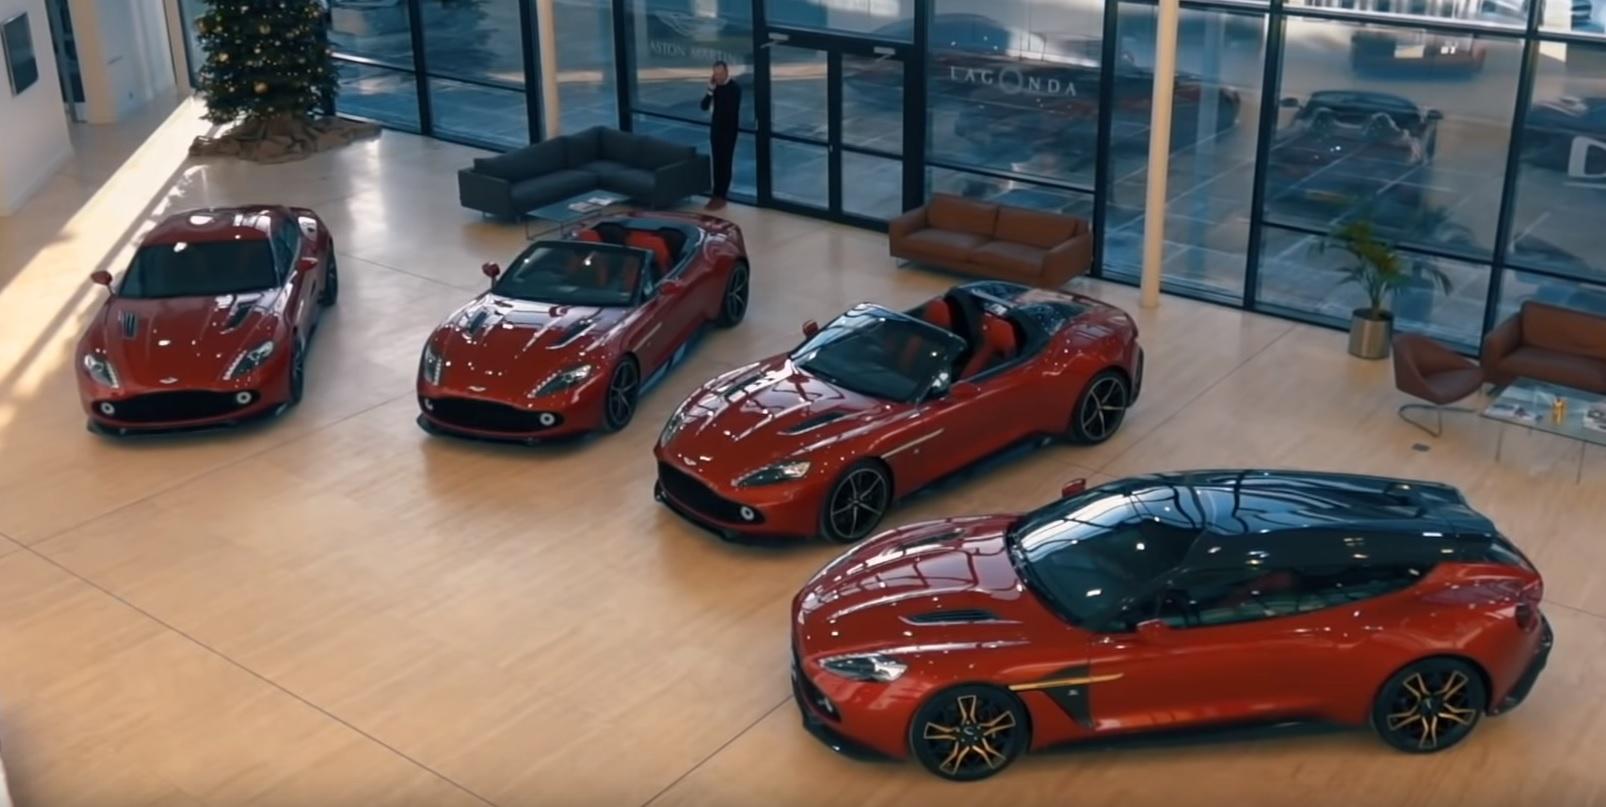 Los Cuatro Aston Martin Vanquish Zagato De Un Solo Dueno Soymotor Com